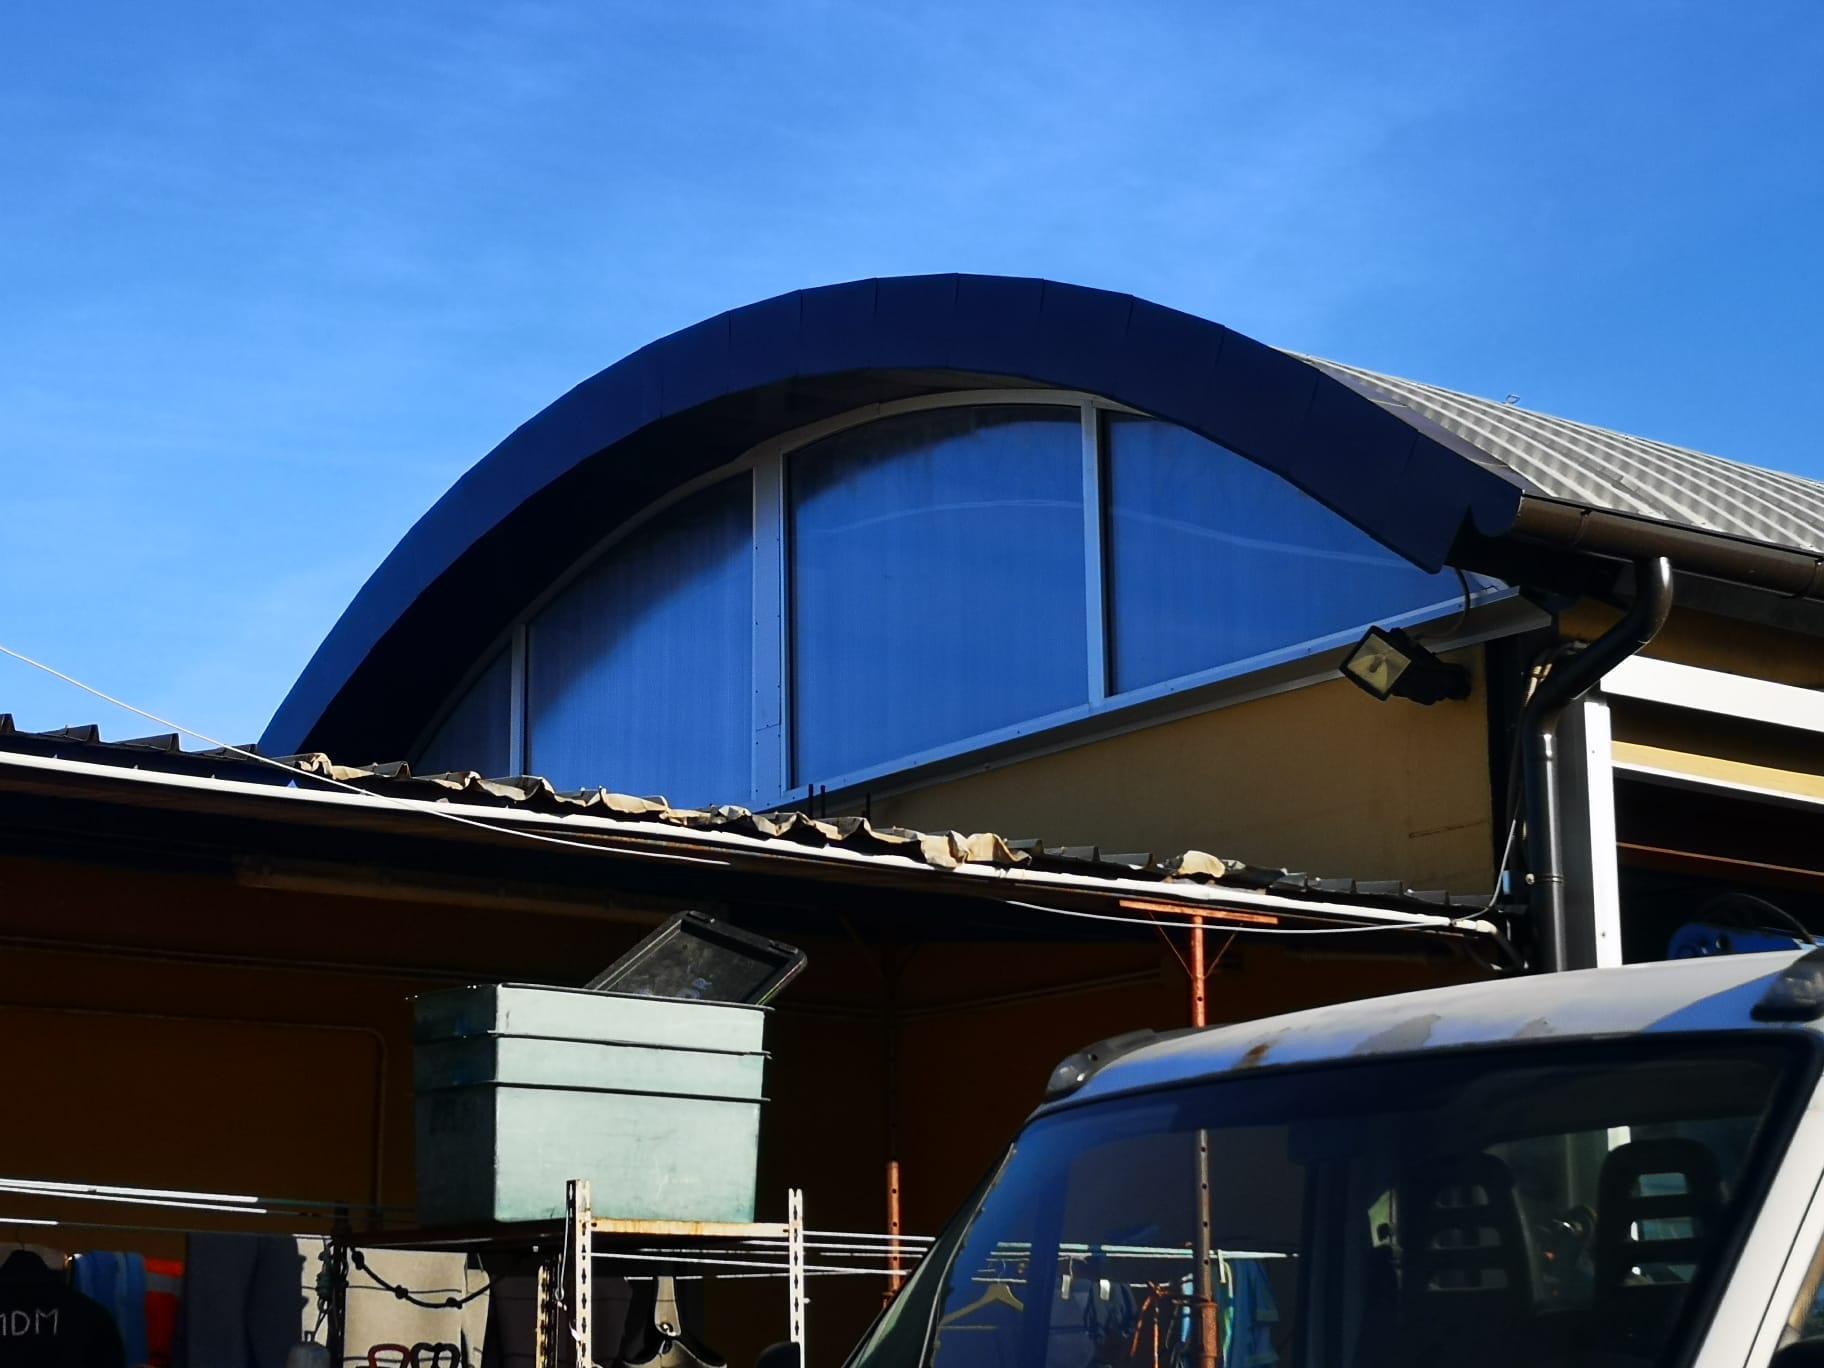 Ormeggiatori piombino - Lavoro di ricostruzione totale delle coperture della sede aziendale porto di piombino Livorno - Ecoteti srl